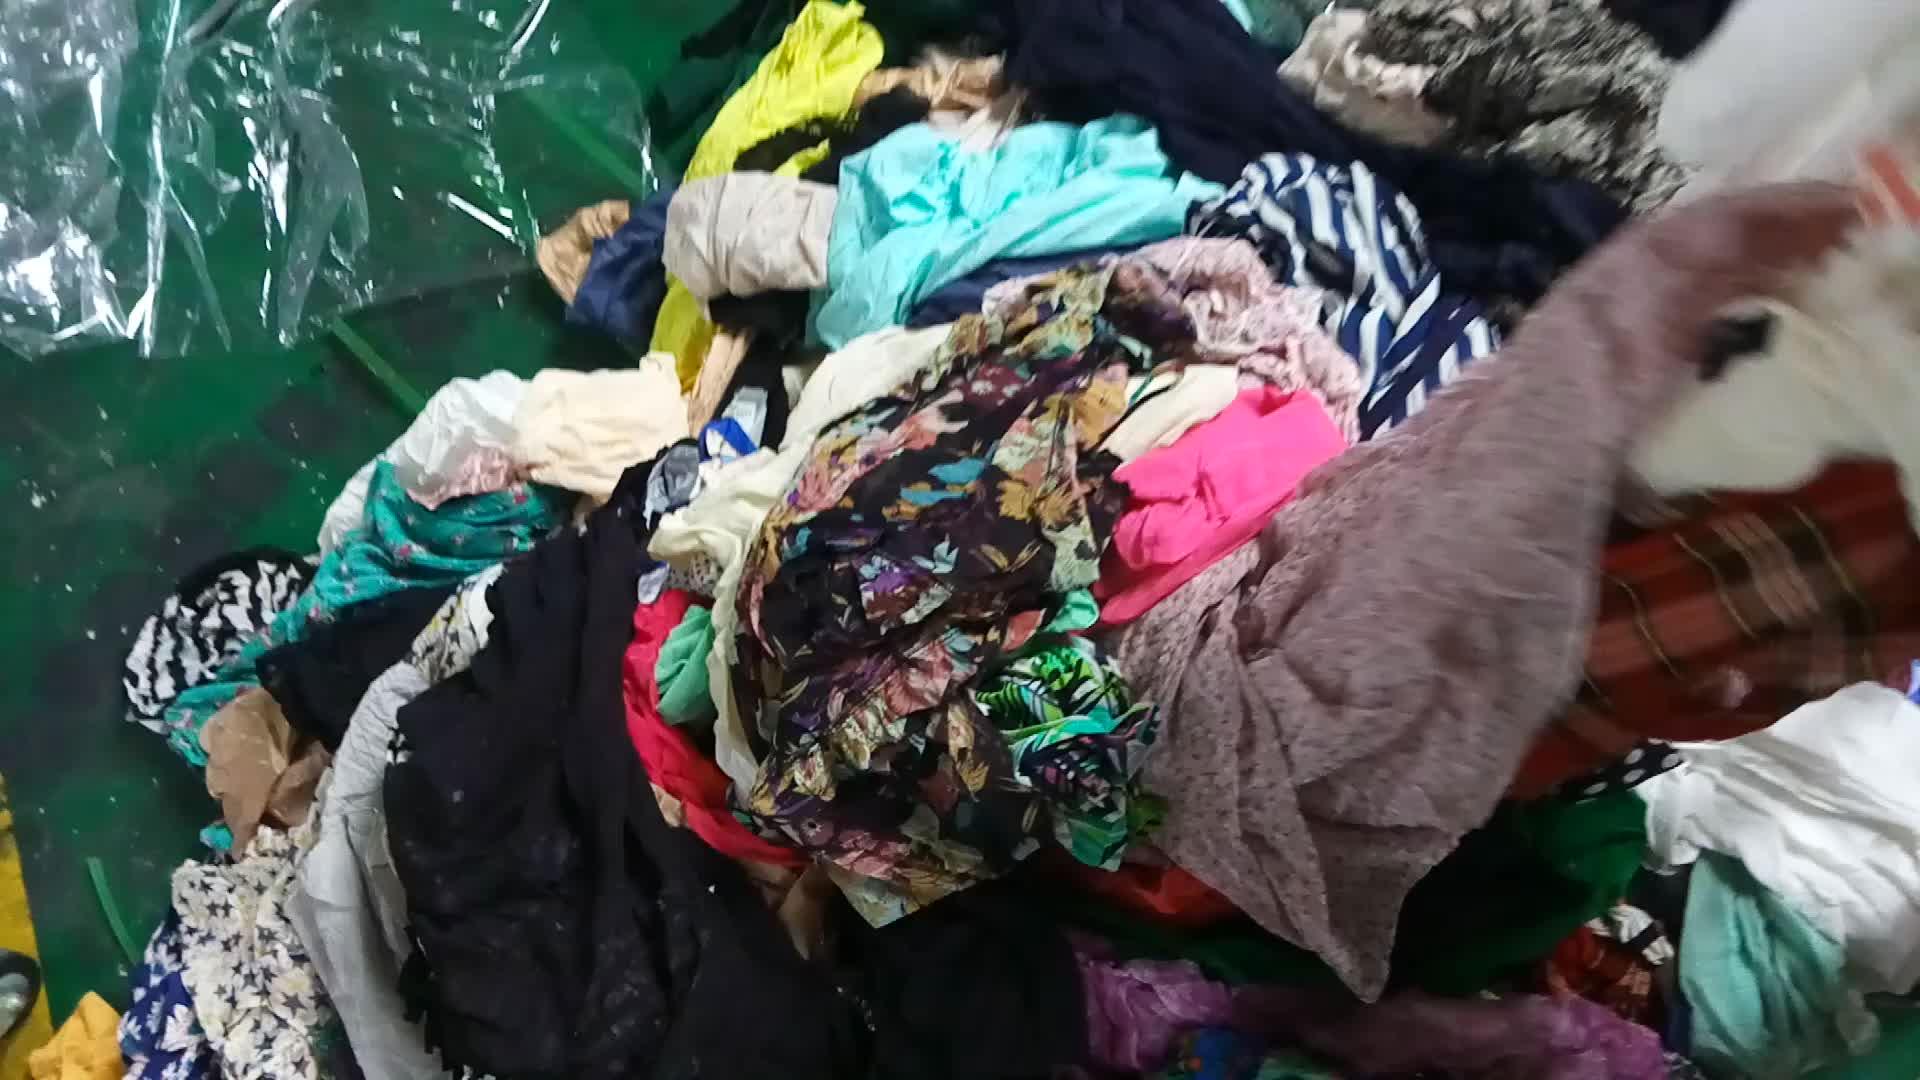 बच्चों इस्तेमाल कपड़ों गांठें 50 kg मिश्रित इस्तेमाल कपड़े